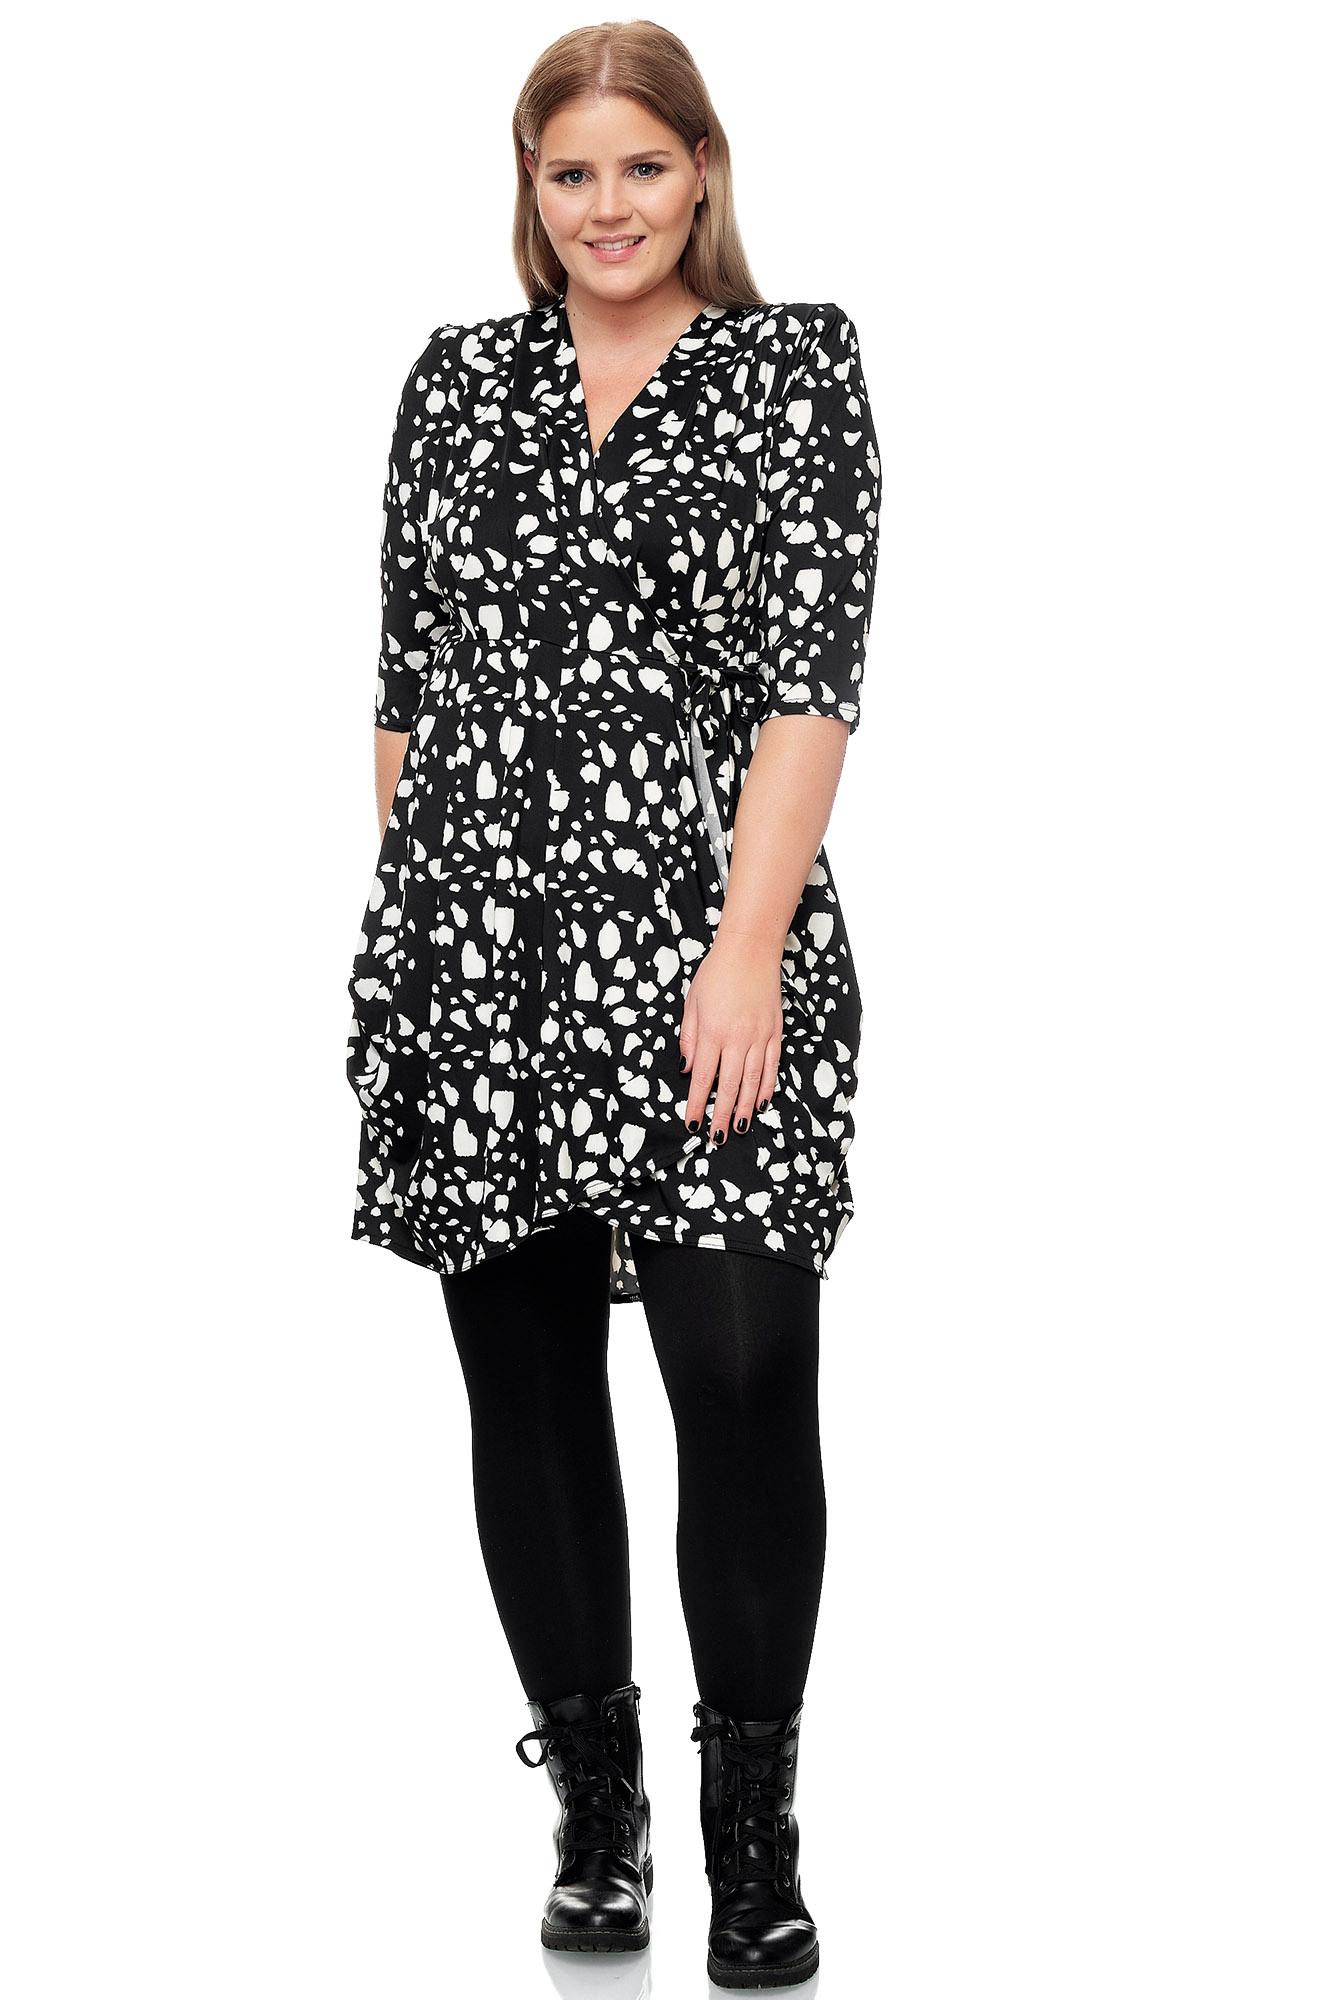 Mode Für Mollige Tunika Wickelkleid In Schwarzweiß  Mode